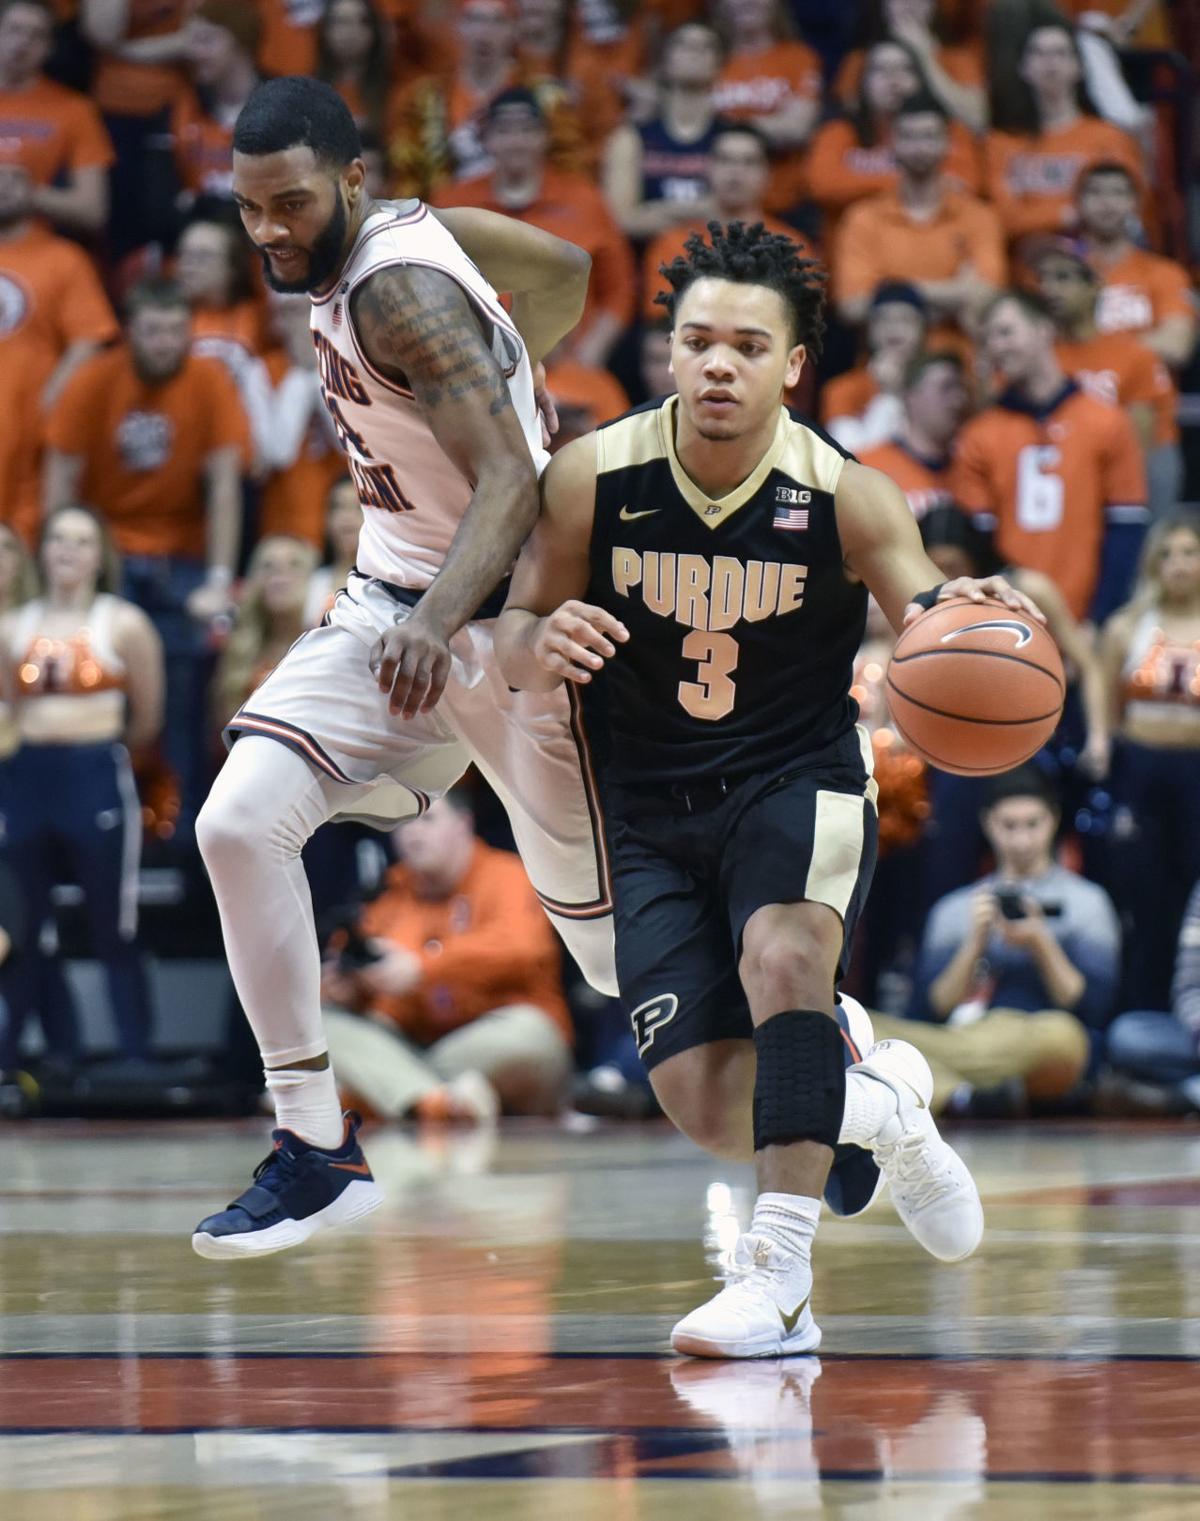 Purdue Illinois Basketball